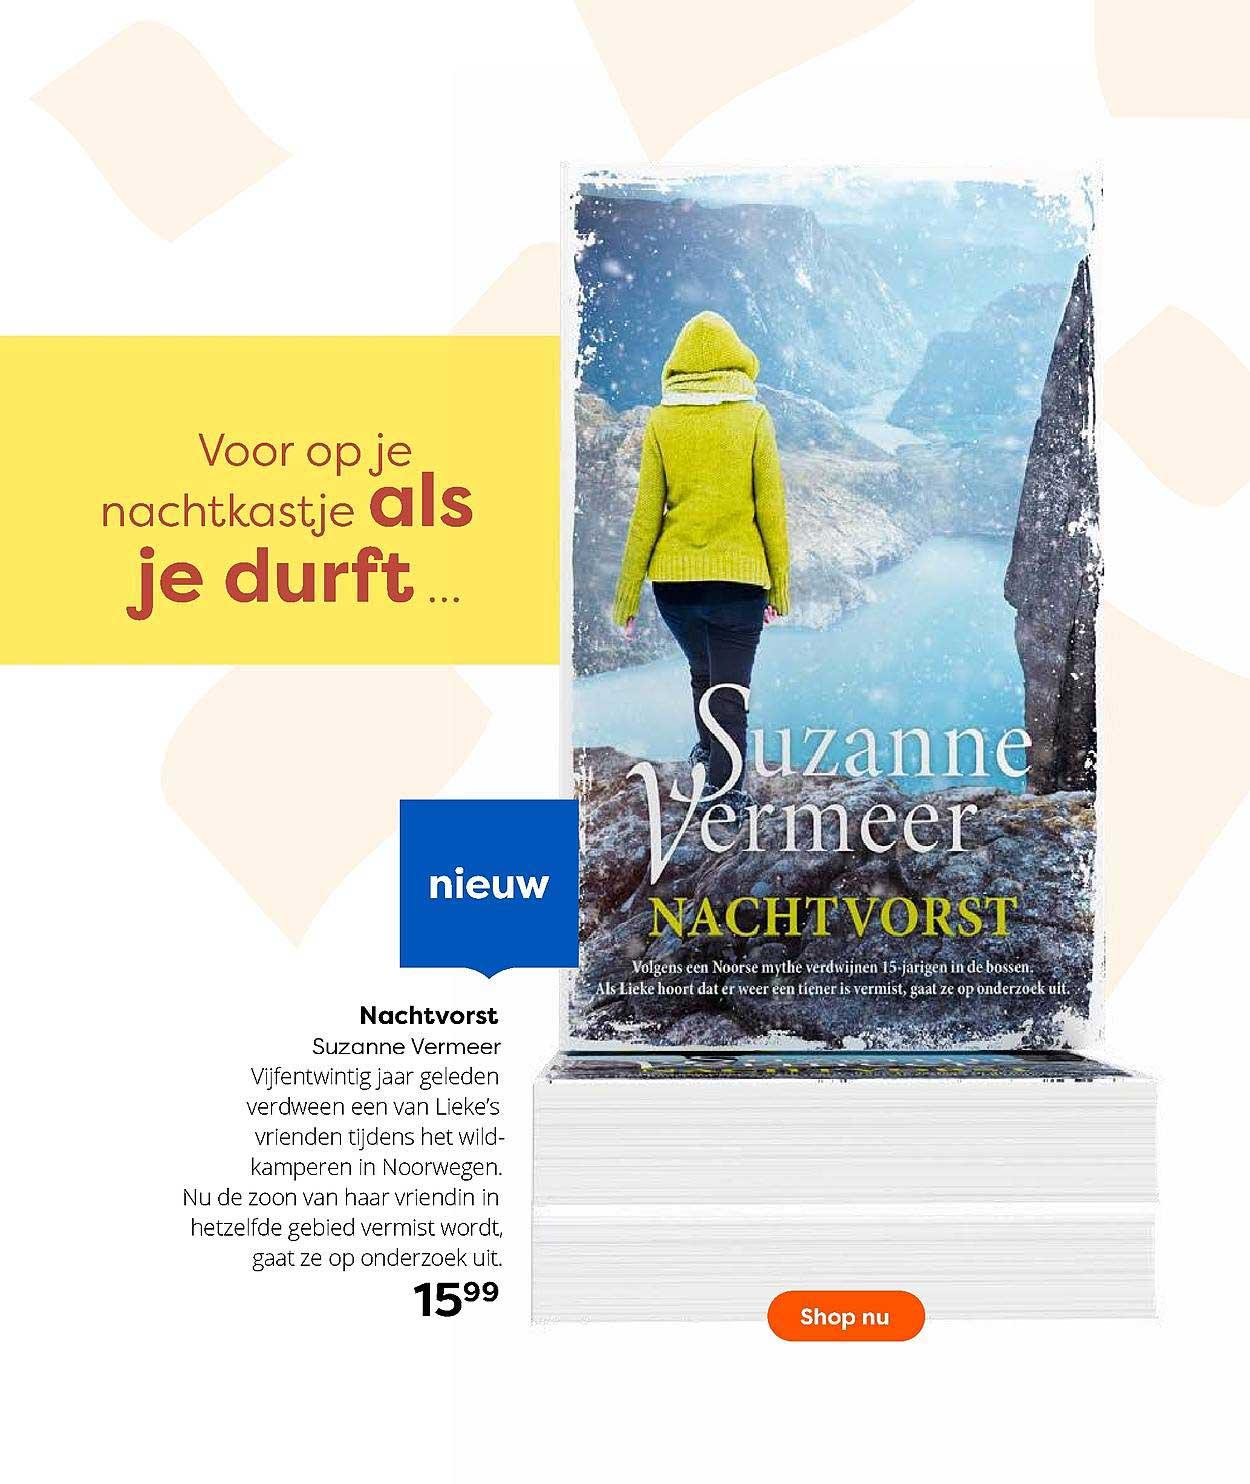 The Read Shop Nachtvorst Suzanne Vermeer